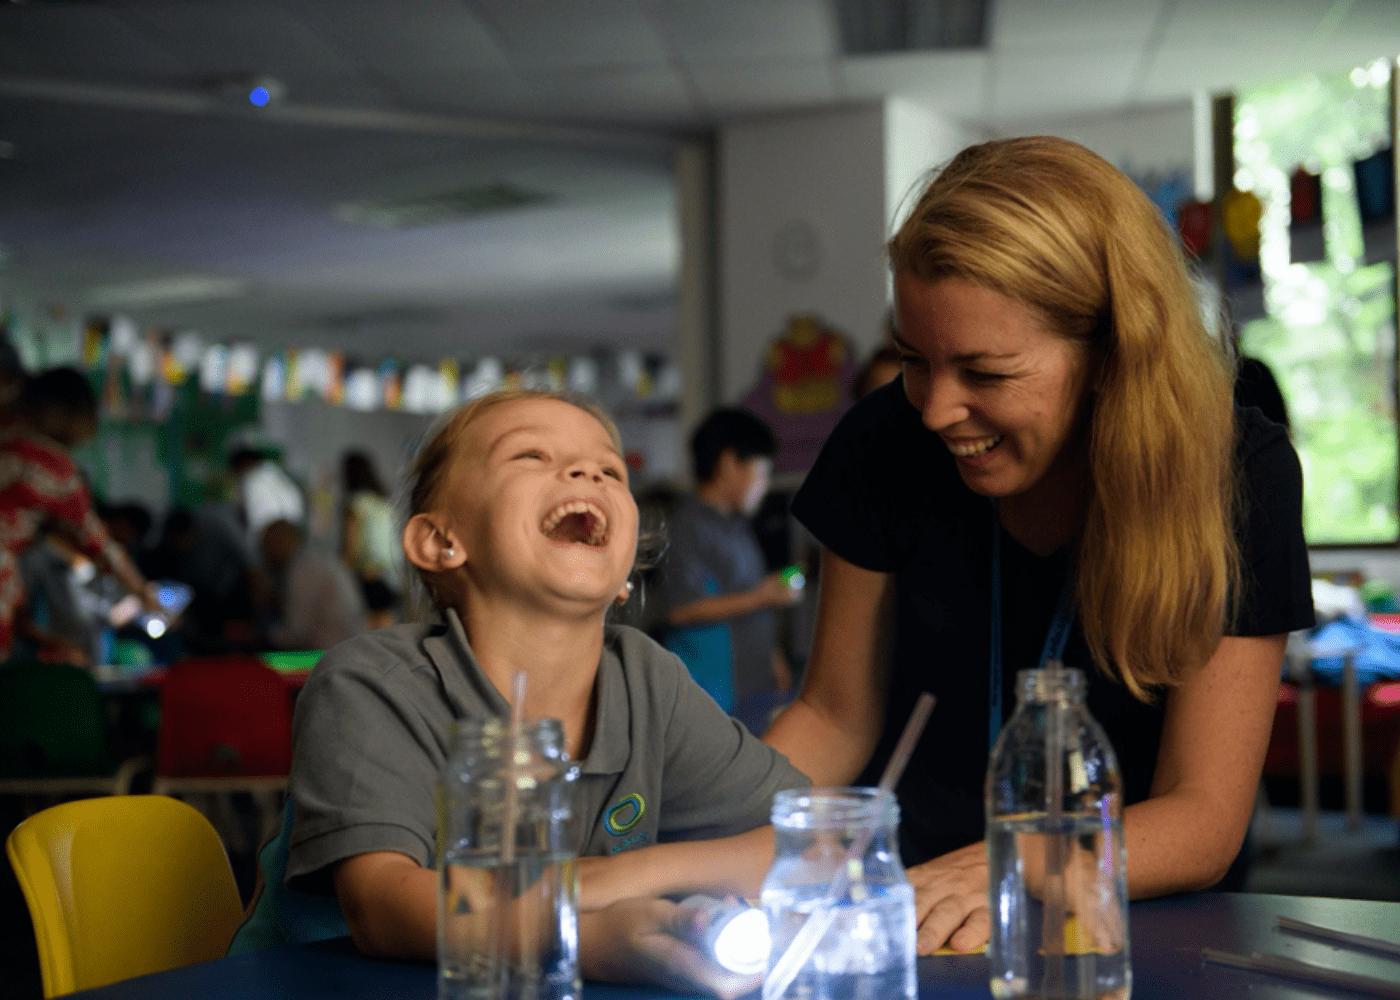 nexus parent involvement in schools